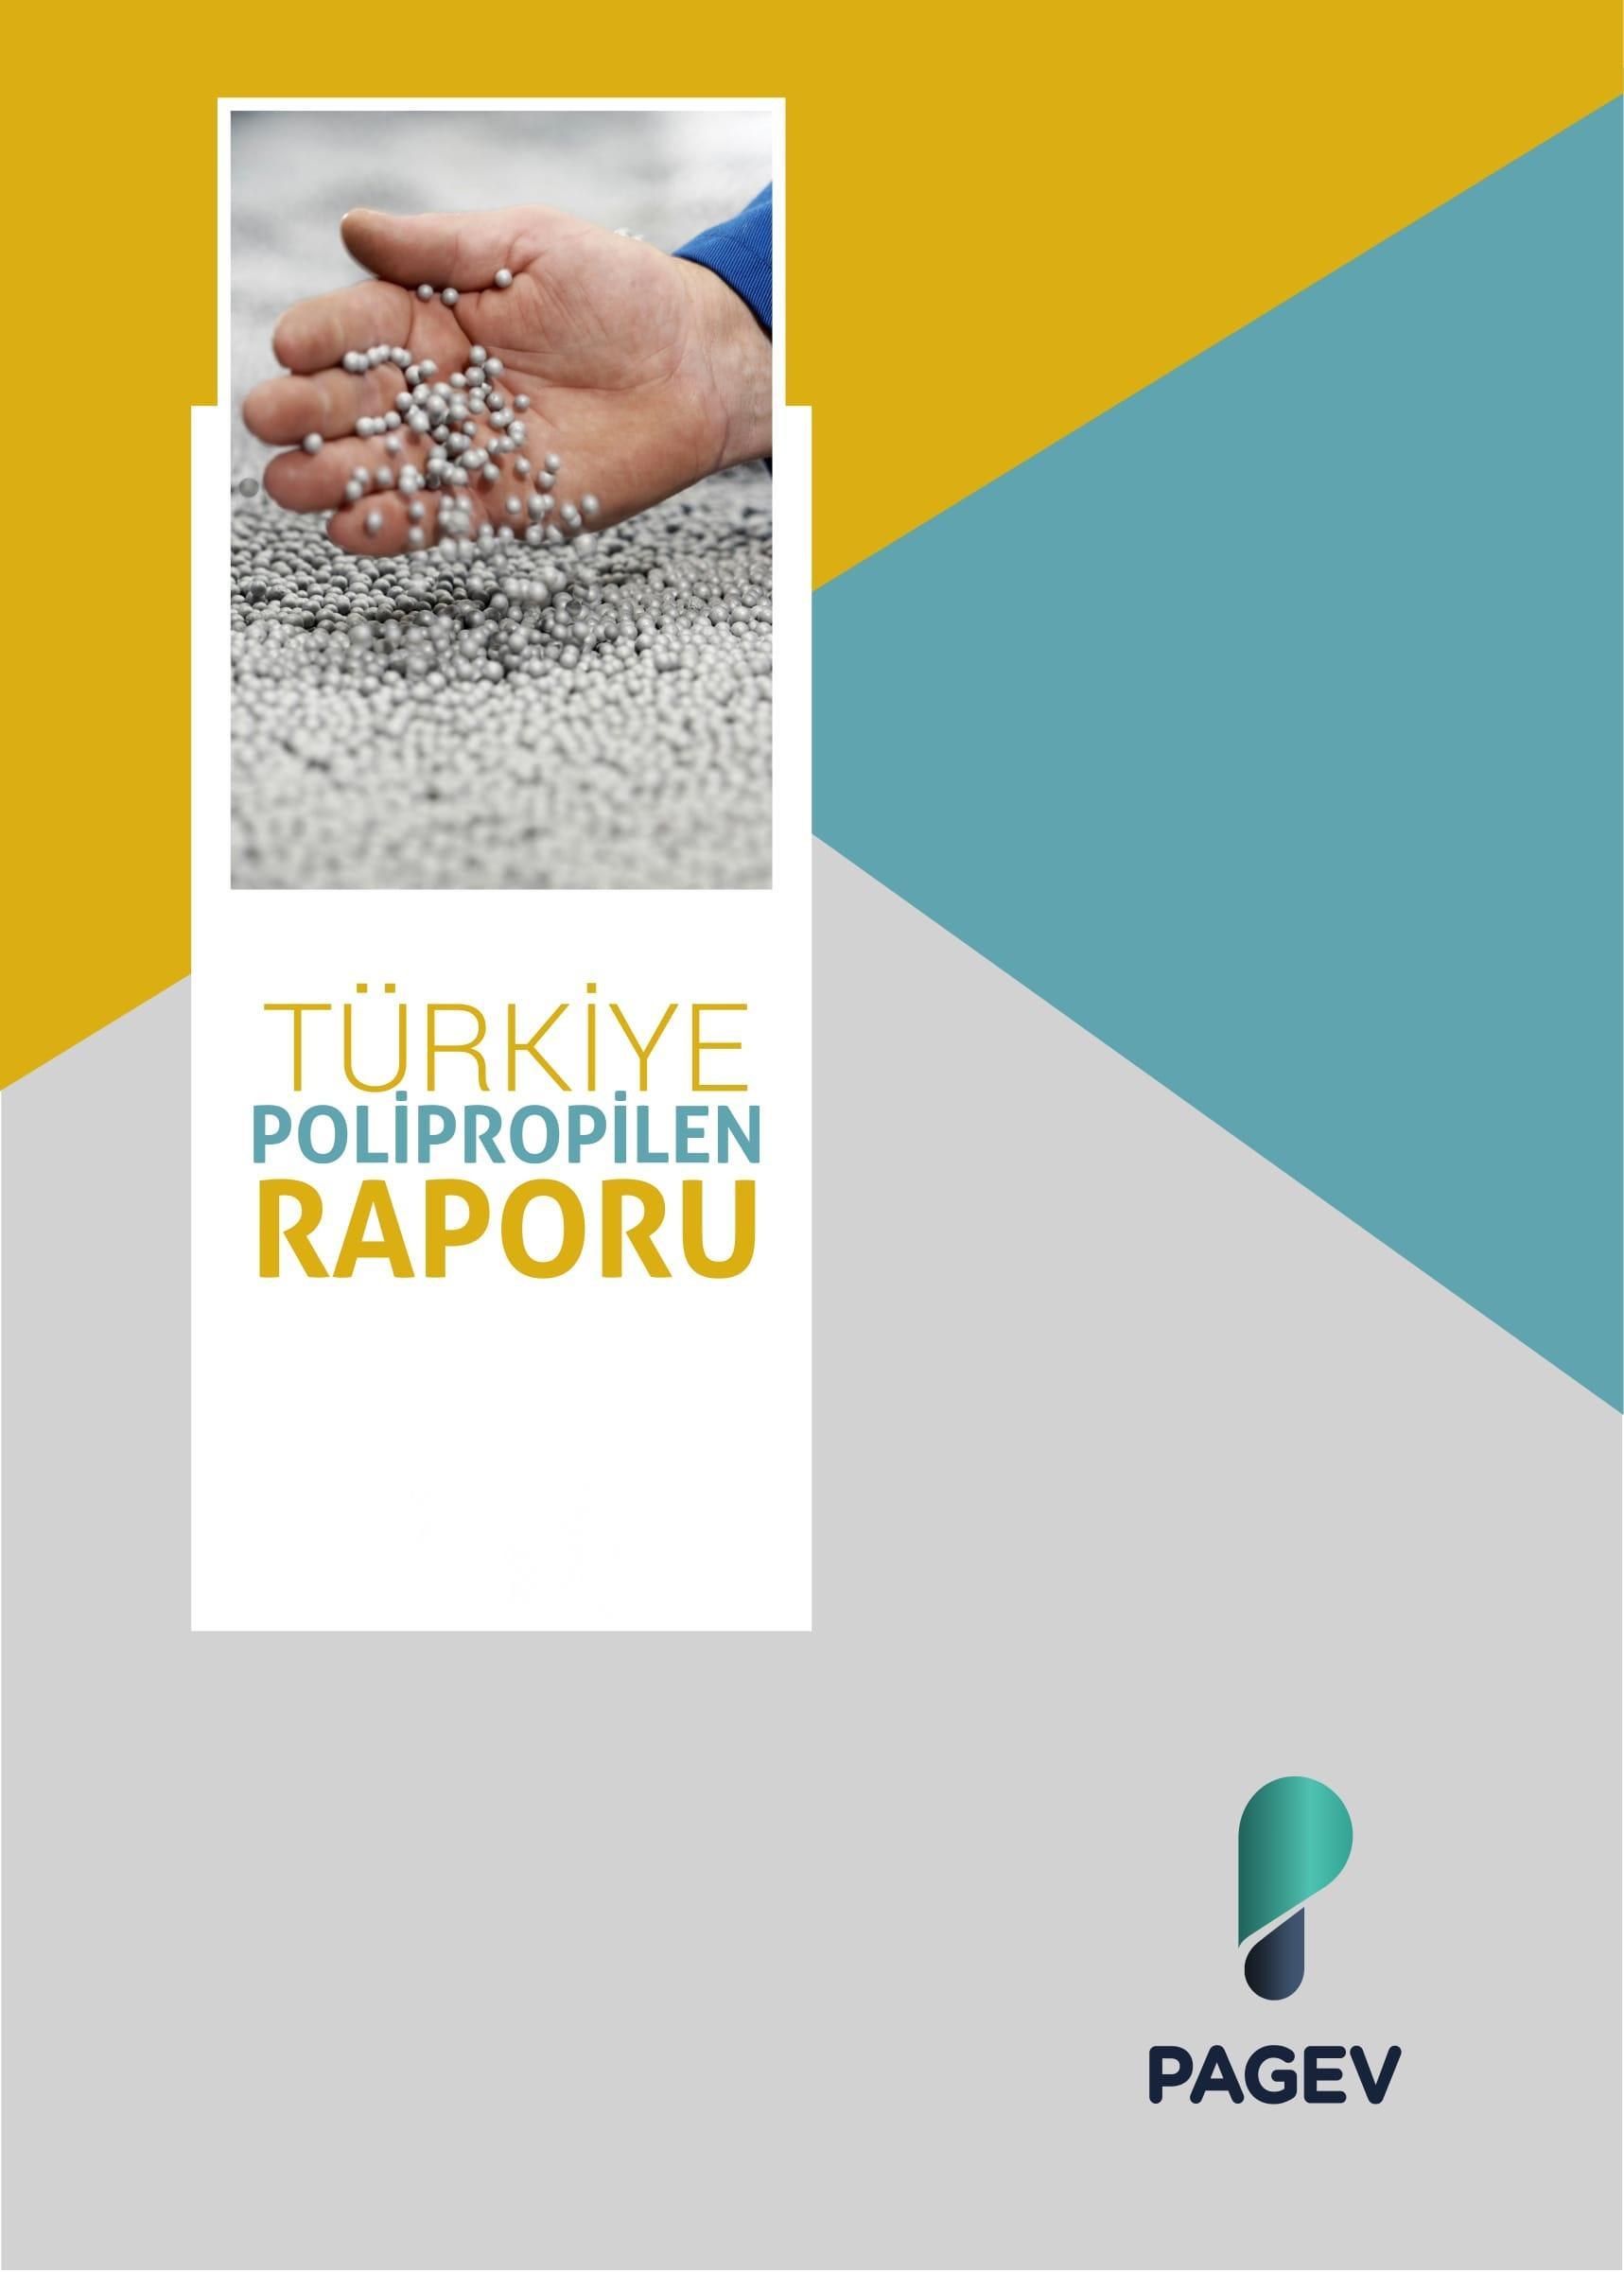 Türkiye Polipropilen Sektör İzleme Raporu 2017/9 Aylık (Yıl Sonu Tahminli)